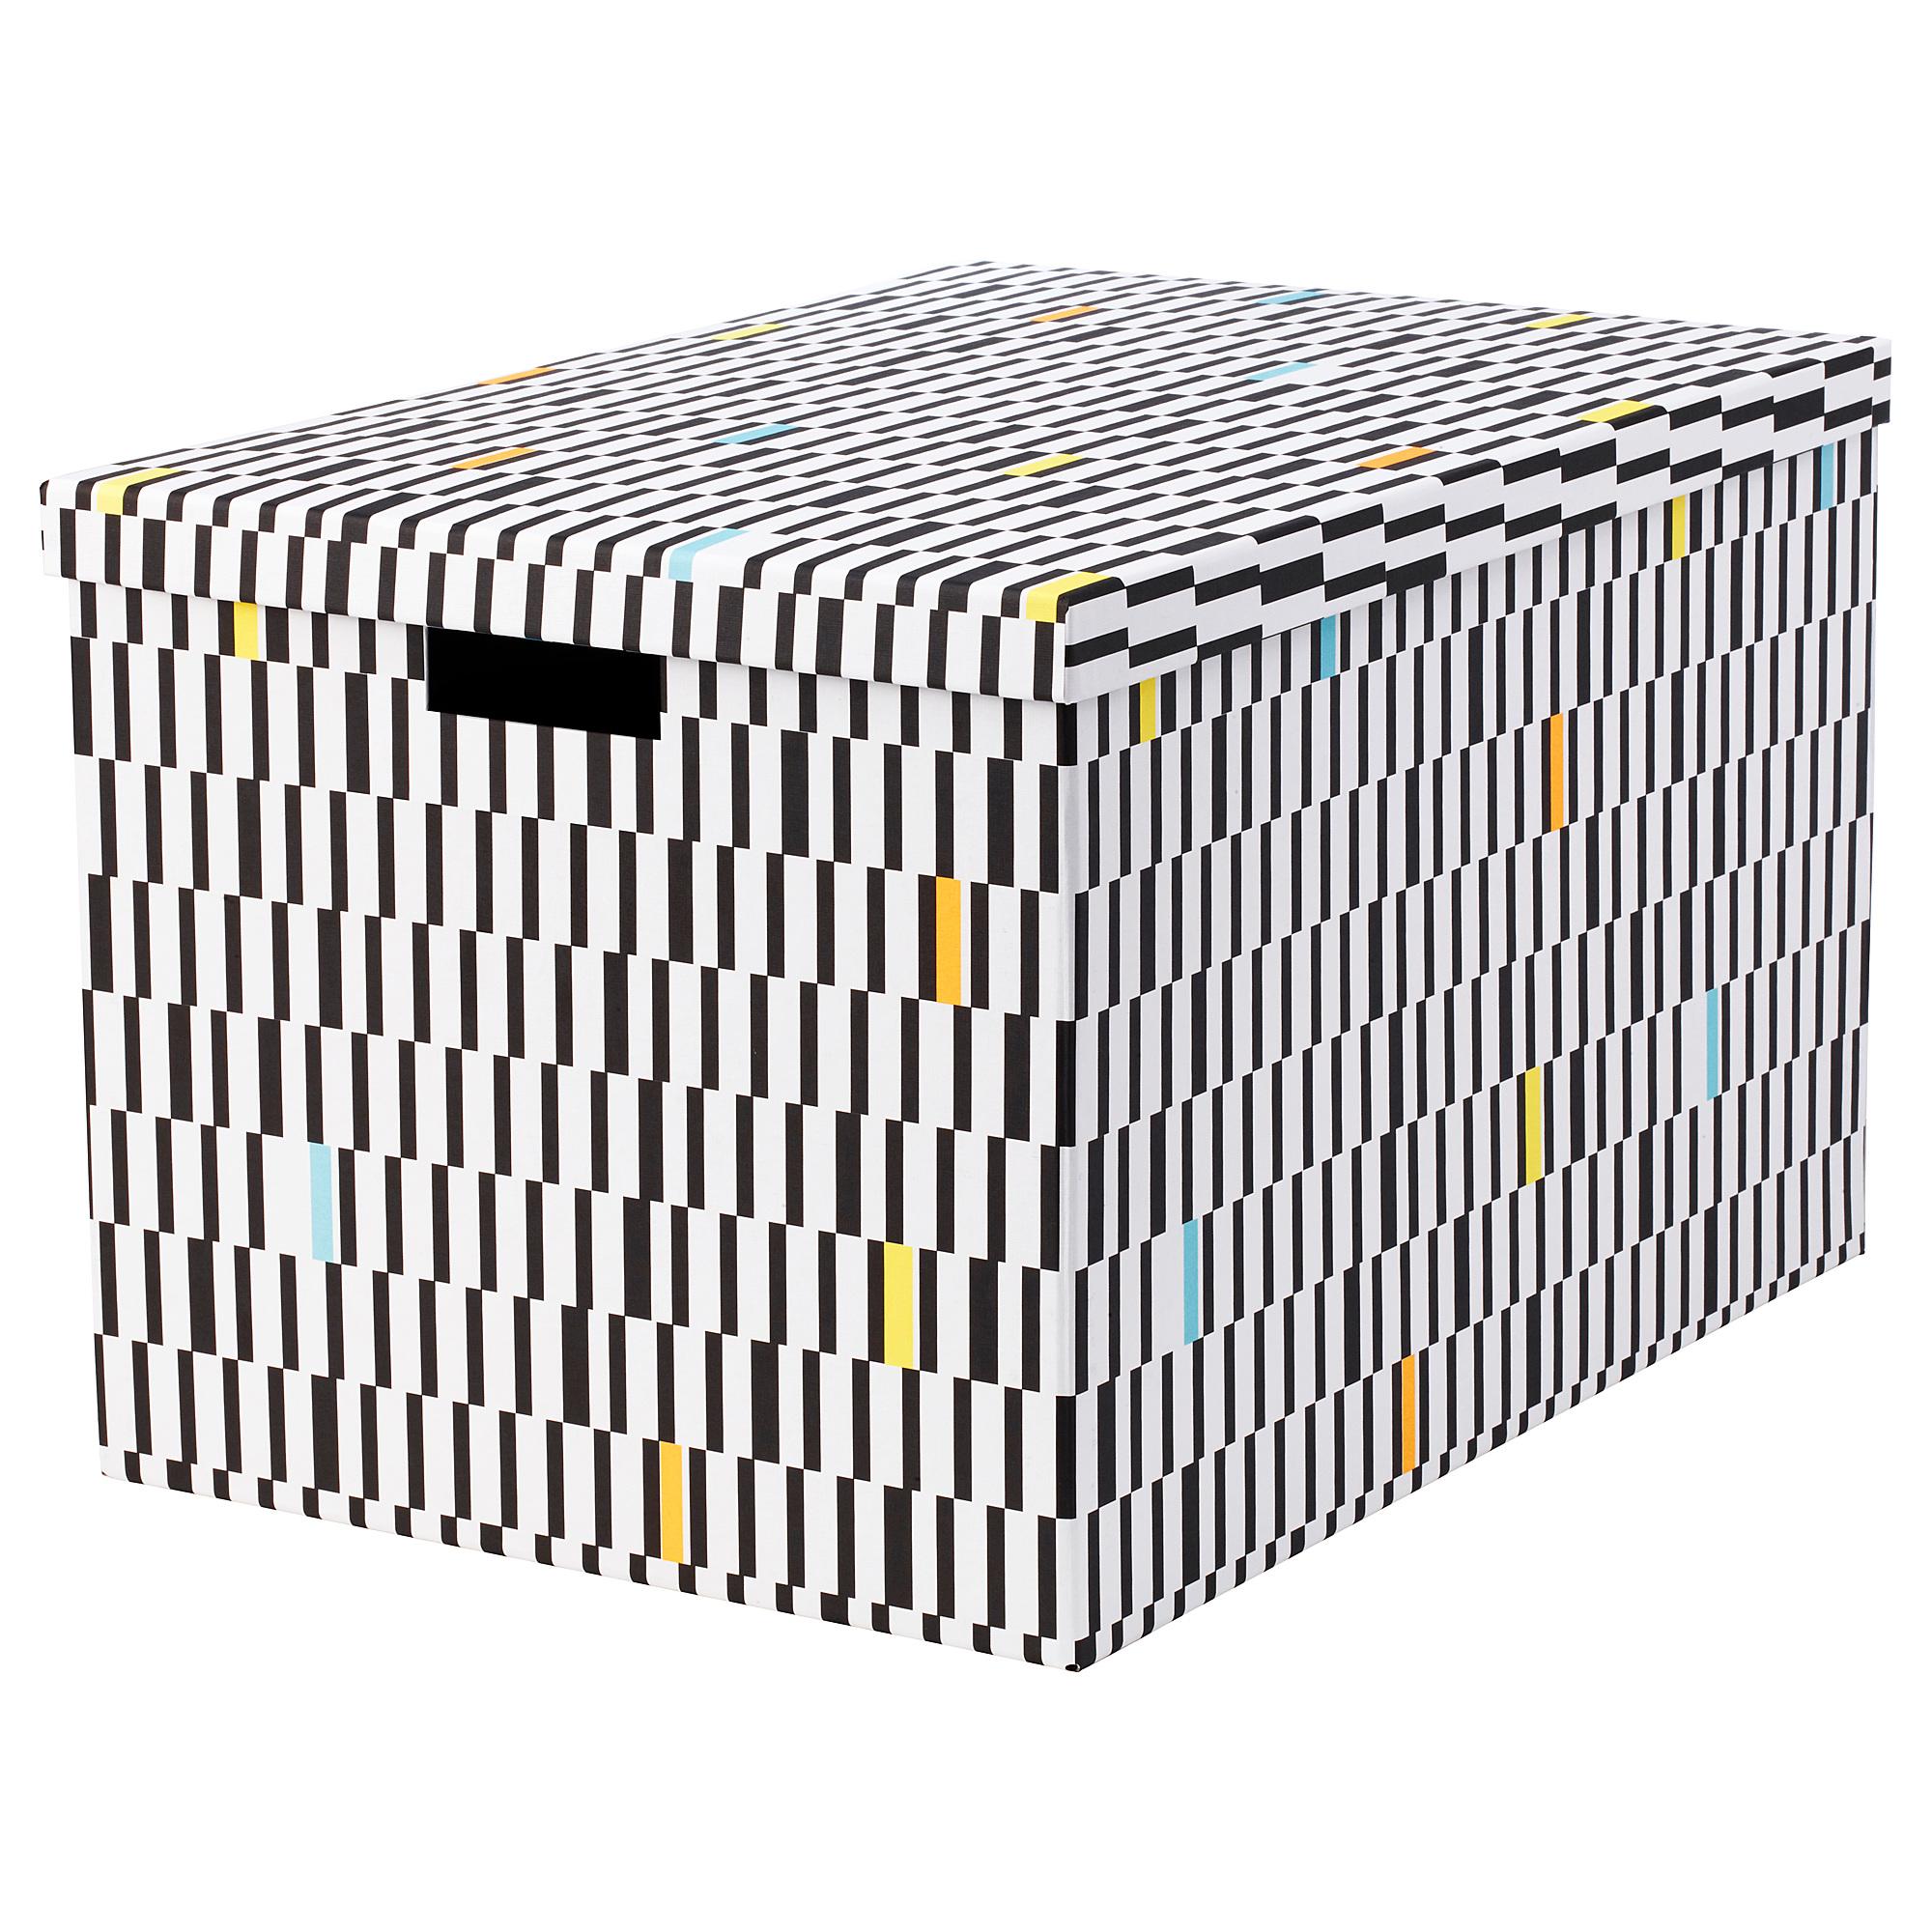 Коробка с крышкой ТЬЕНА черный/белый артикуль № 603.745.29 в наличии. Online магазин IKEA Минск. Быстрая доставка и соборка.